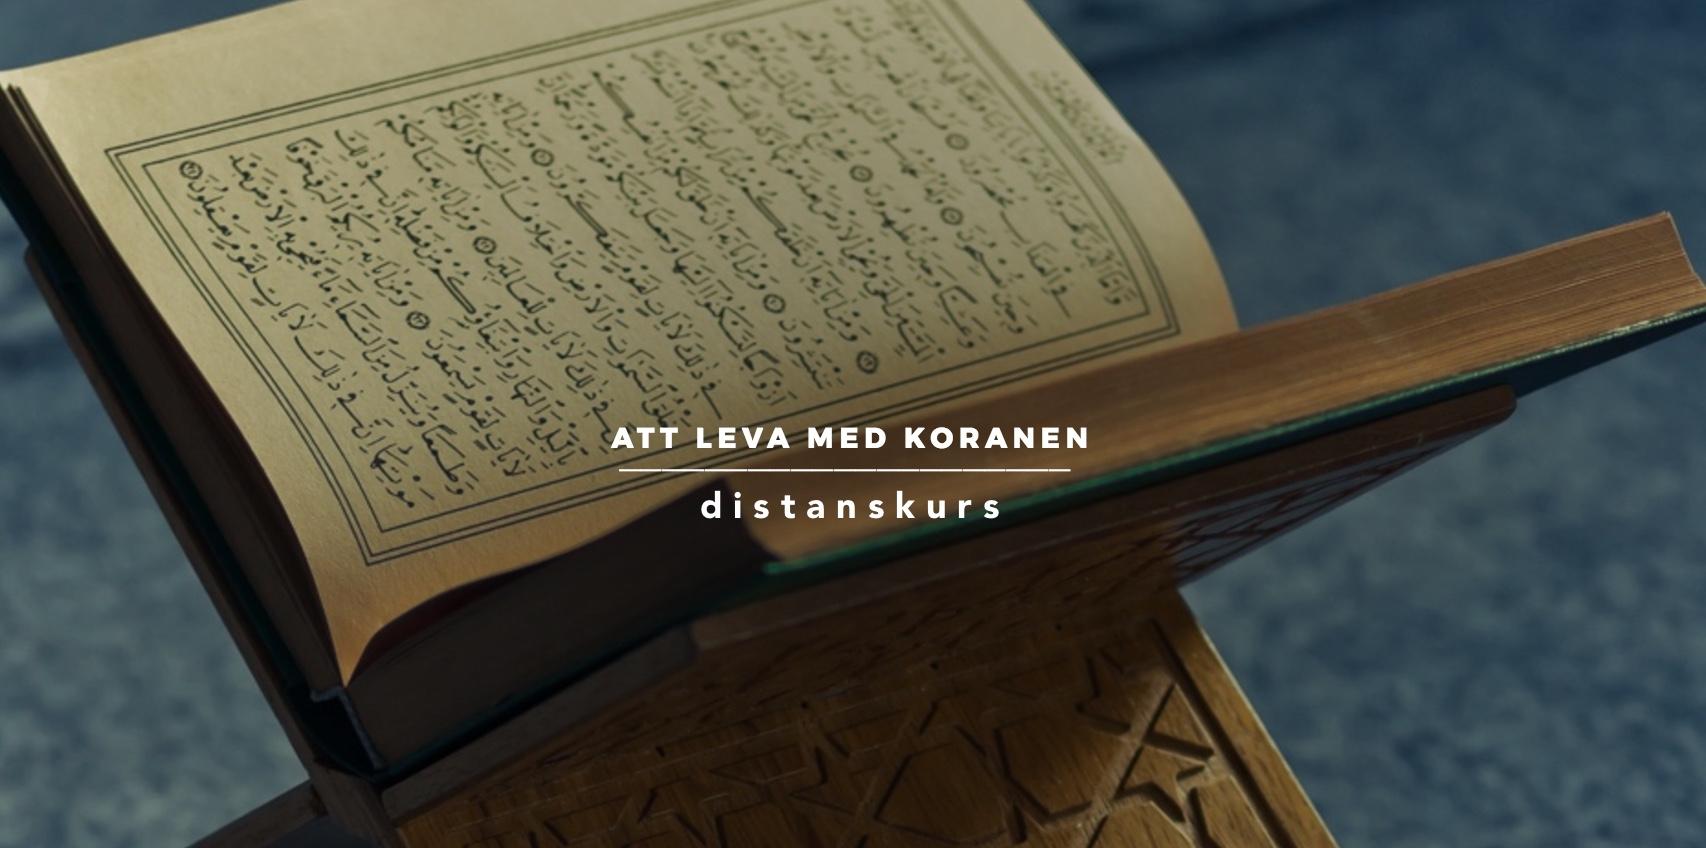 Att leva med Koranen